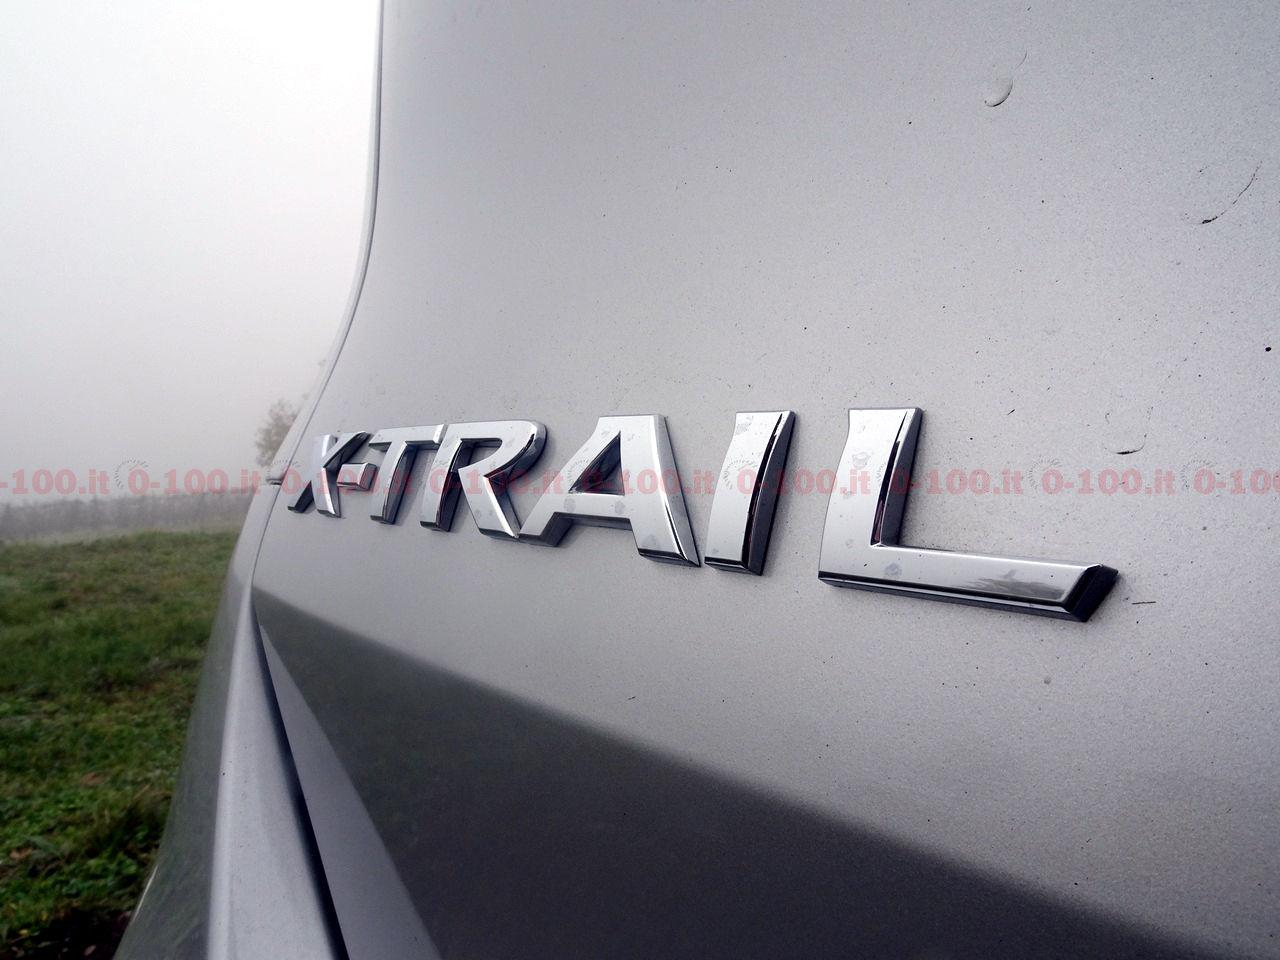 nissan-x-trail_dci-130-turbodiesel-tekna-test-drive-0-100_41